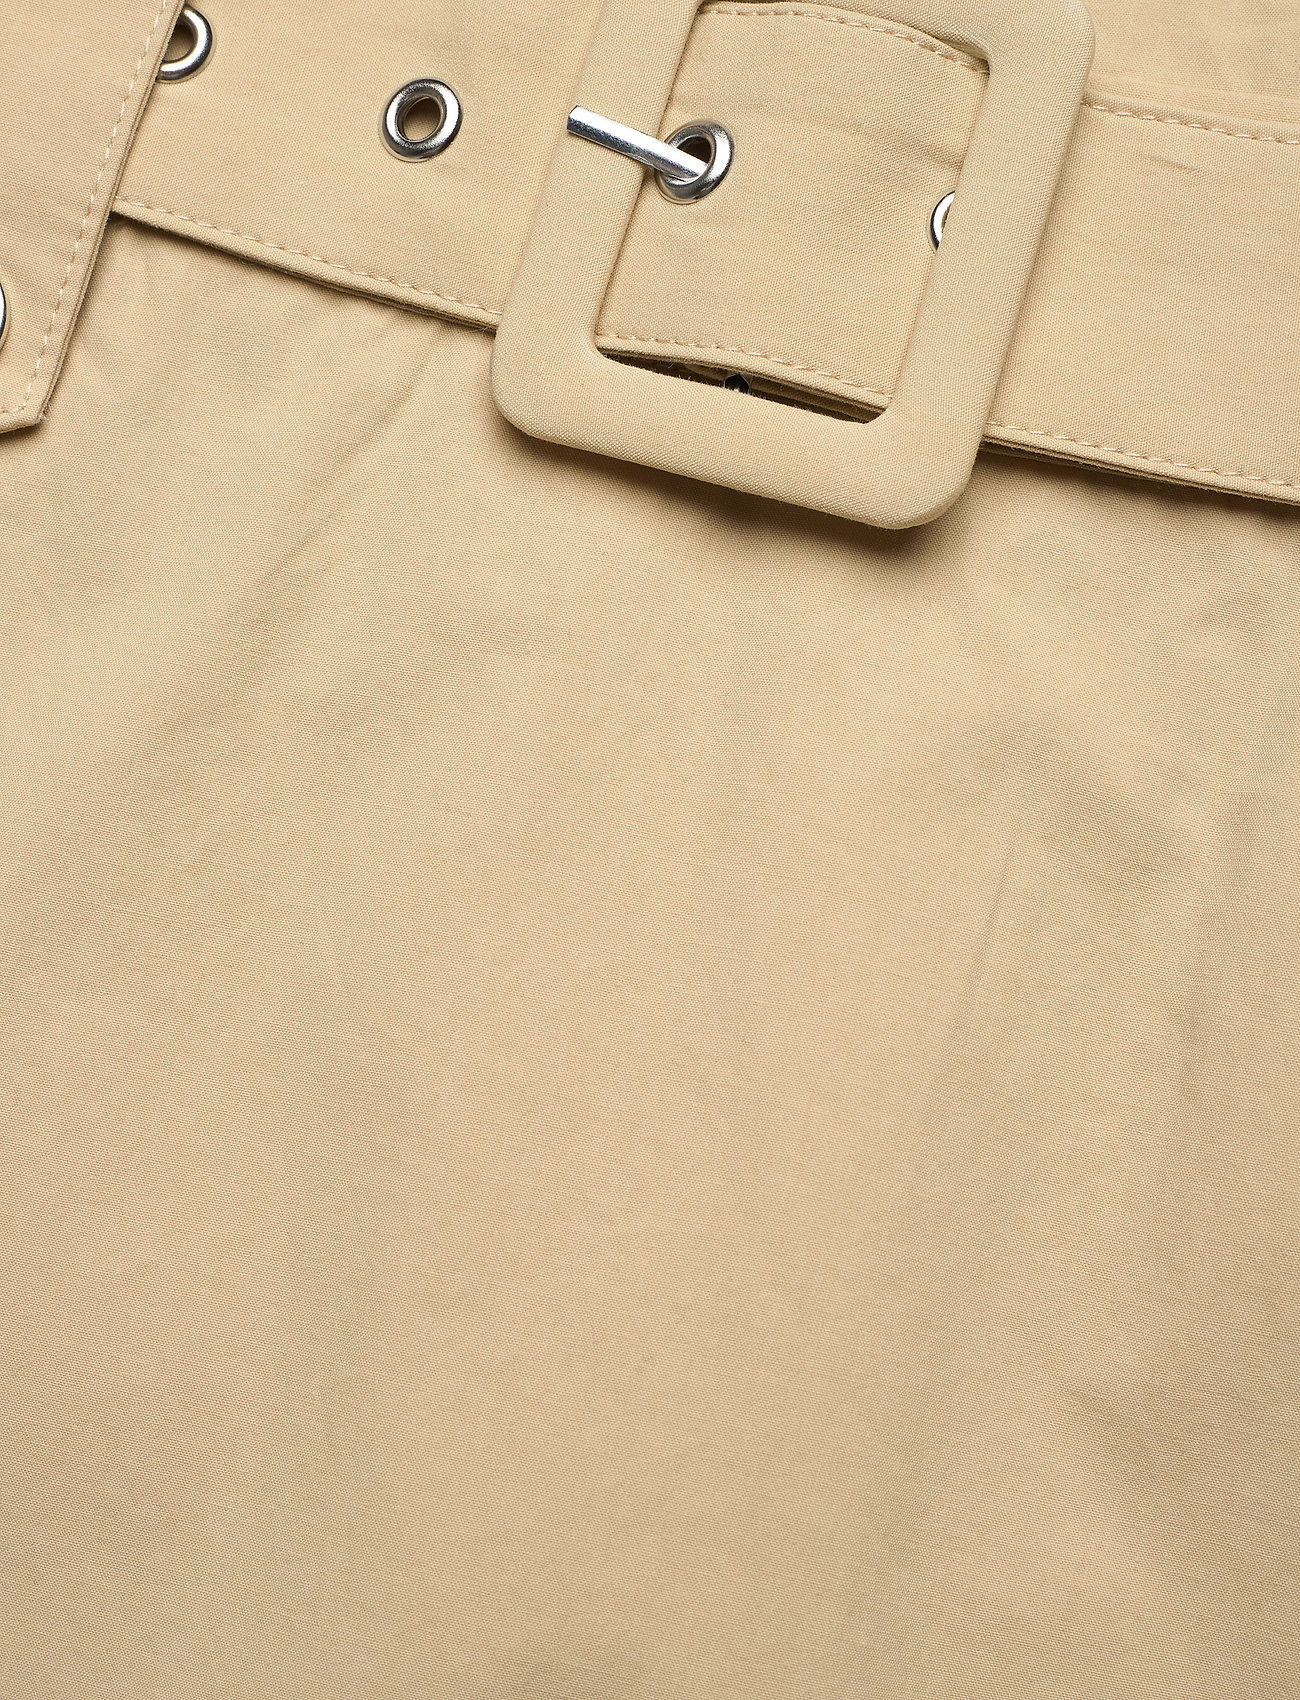 Gestuz AdalineGZ skirt MS20 - Spódnice SAFARI - Kobiety Odzież.